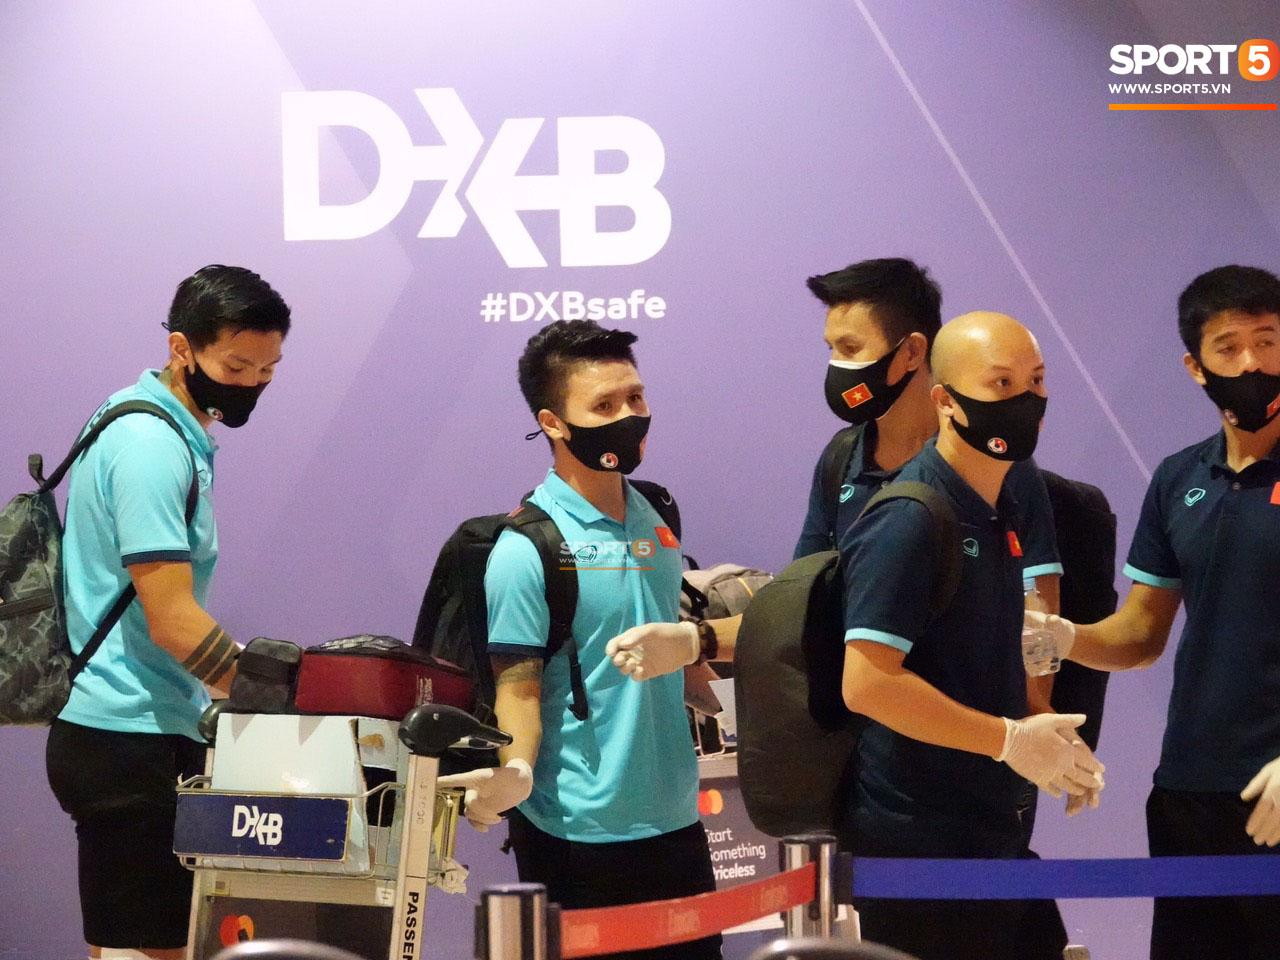 Tuyển Việt Nam lên chuyến bay lúc nửa đêm để về nước sau khi giành được chiến tích lịch sử tại vòng loại World Cup - Ảnh 6.